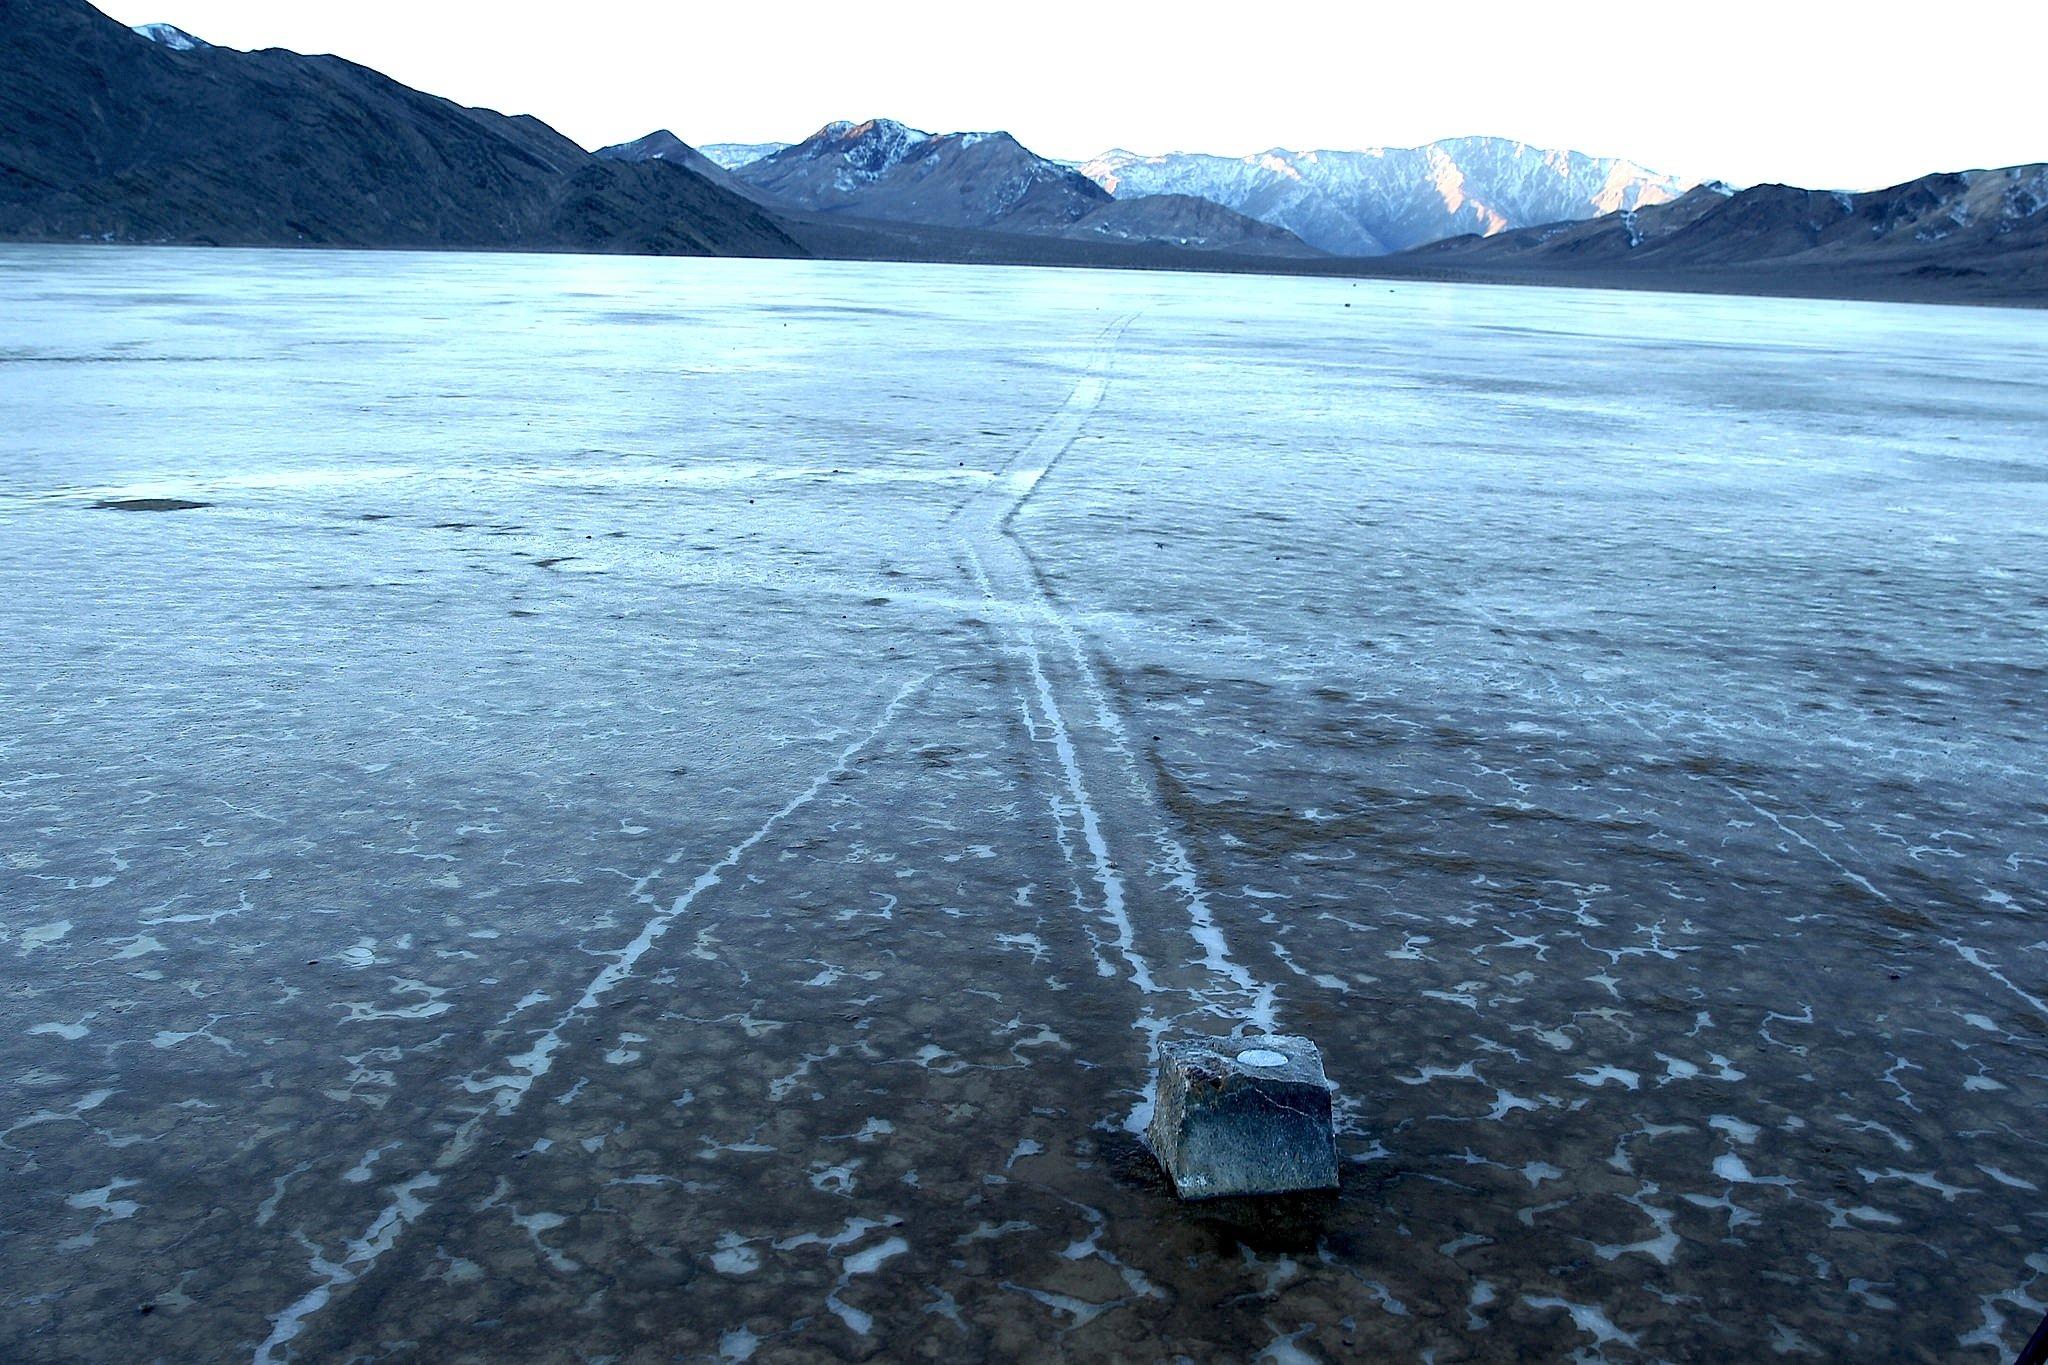 Der mit GPS-Technik ausgestattete Stein hat sich ein großes Stück bewegt. Die Schleifspur ist deutlich zu sehen.